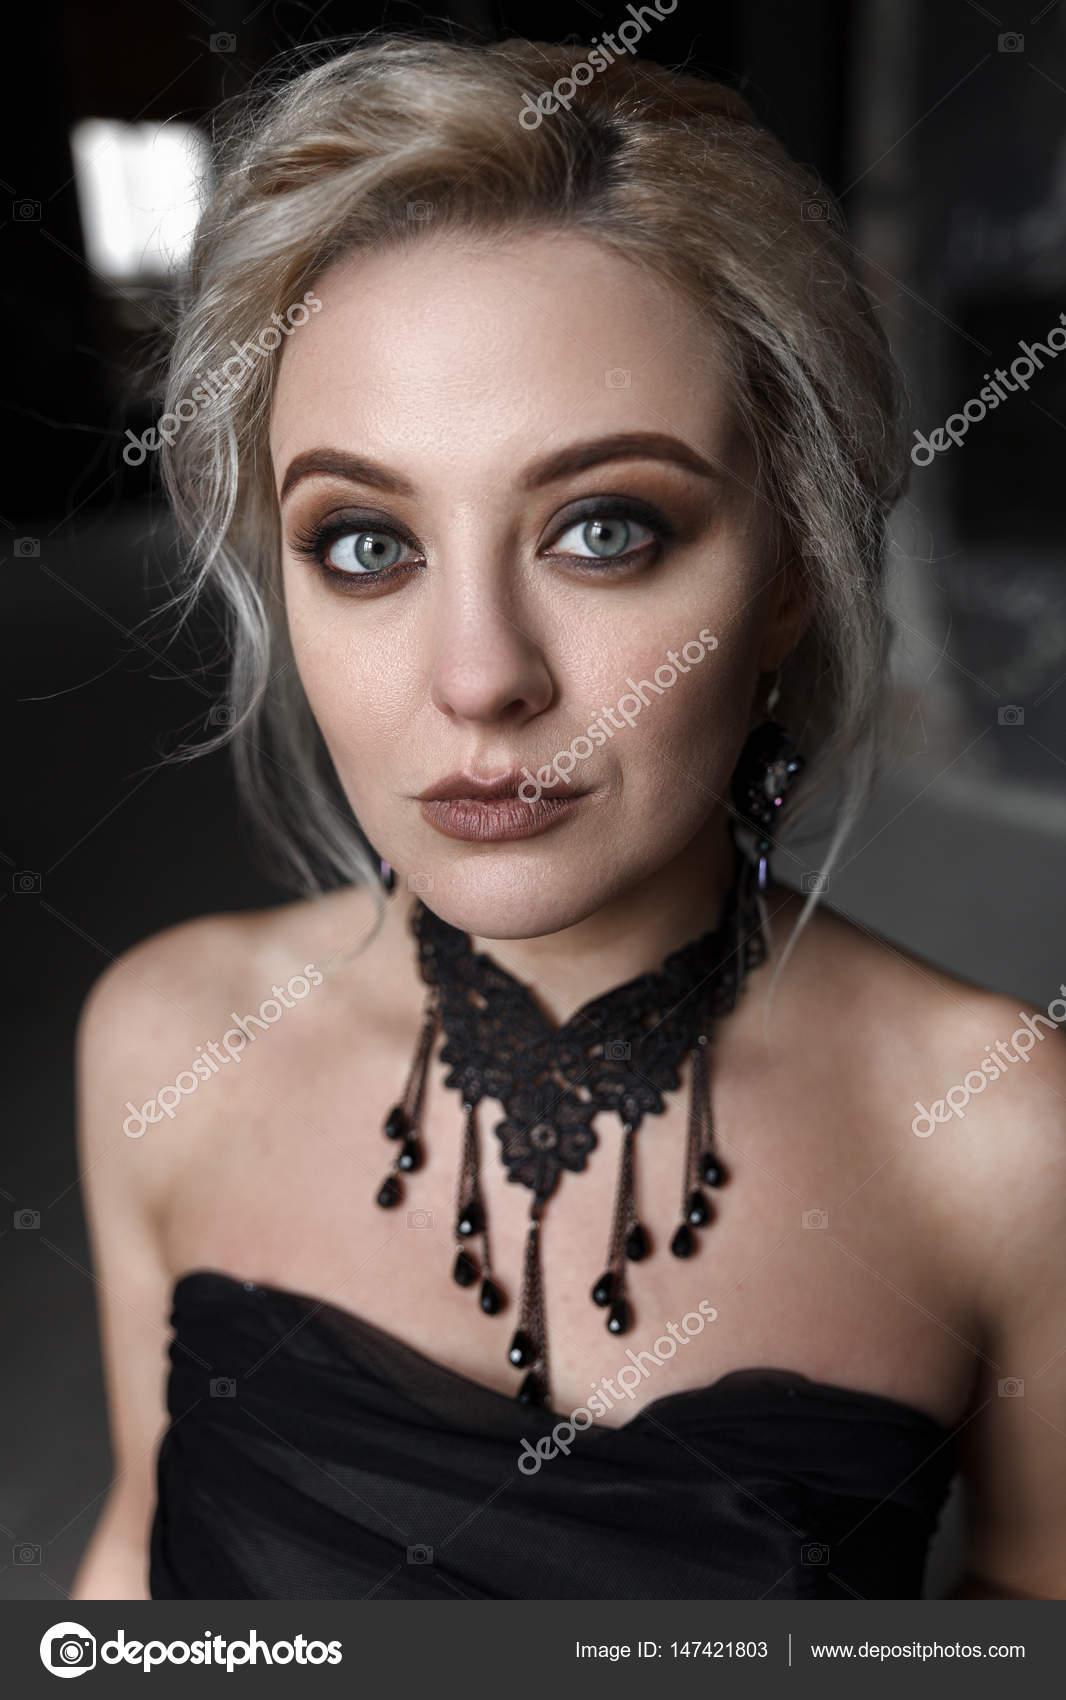 Zwarte Jurk Naar Bruiloft.Portret Van Een Jonge Vrouw In Zwarte Jurk Bruiloft Stockfoto